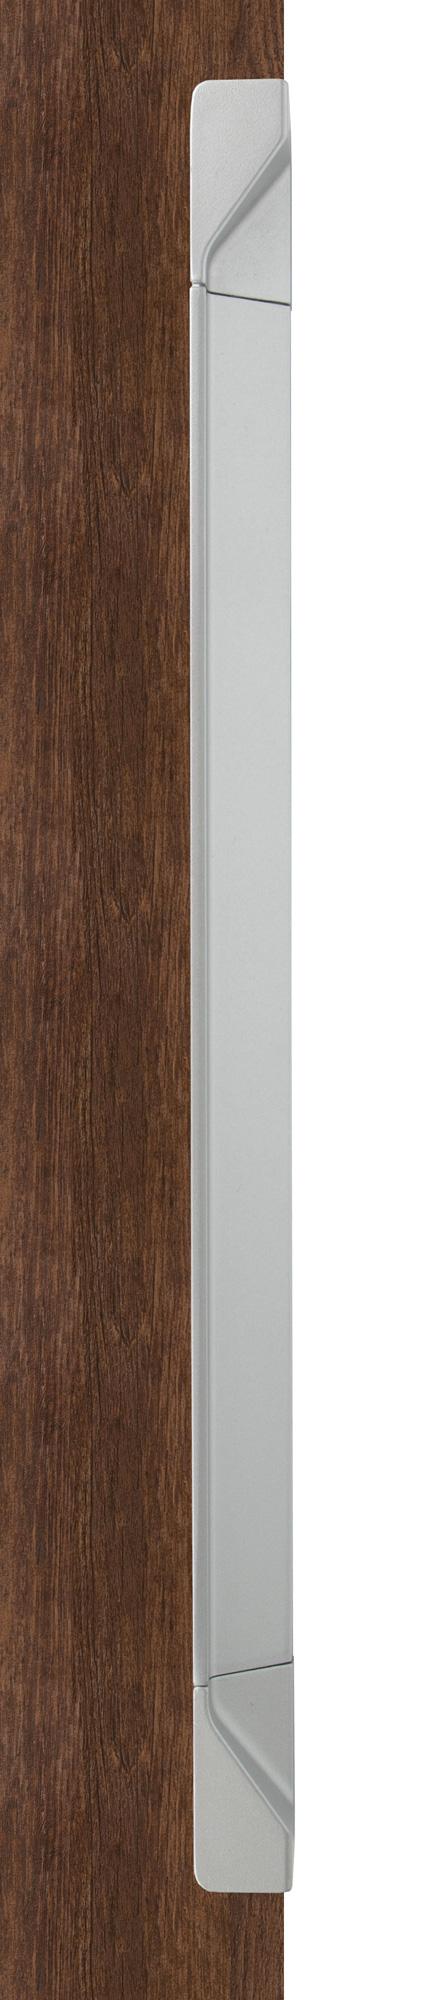 Ручка врезная мебельная, L 350мм мат.серебро